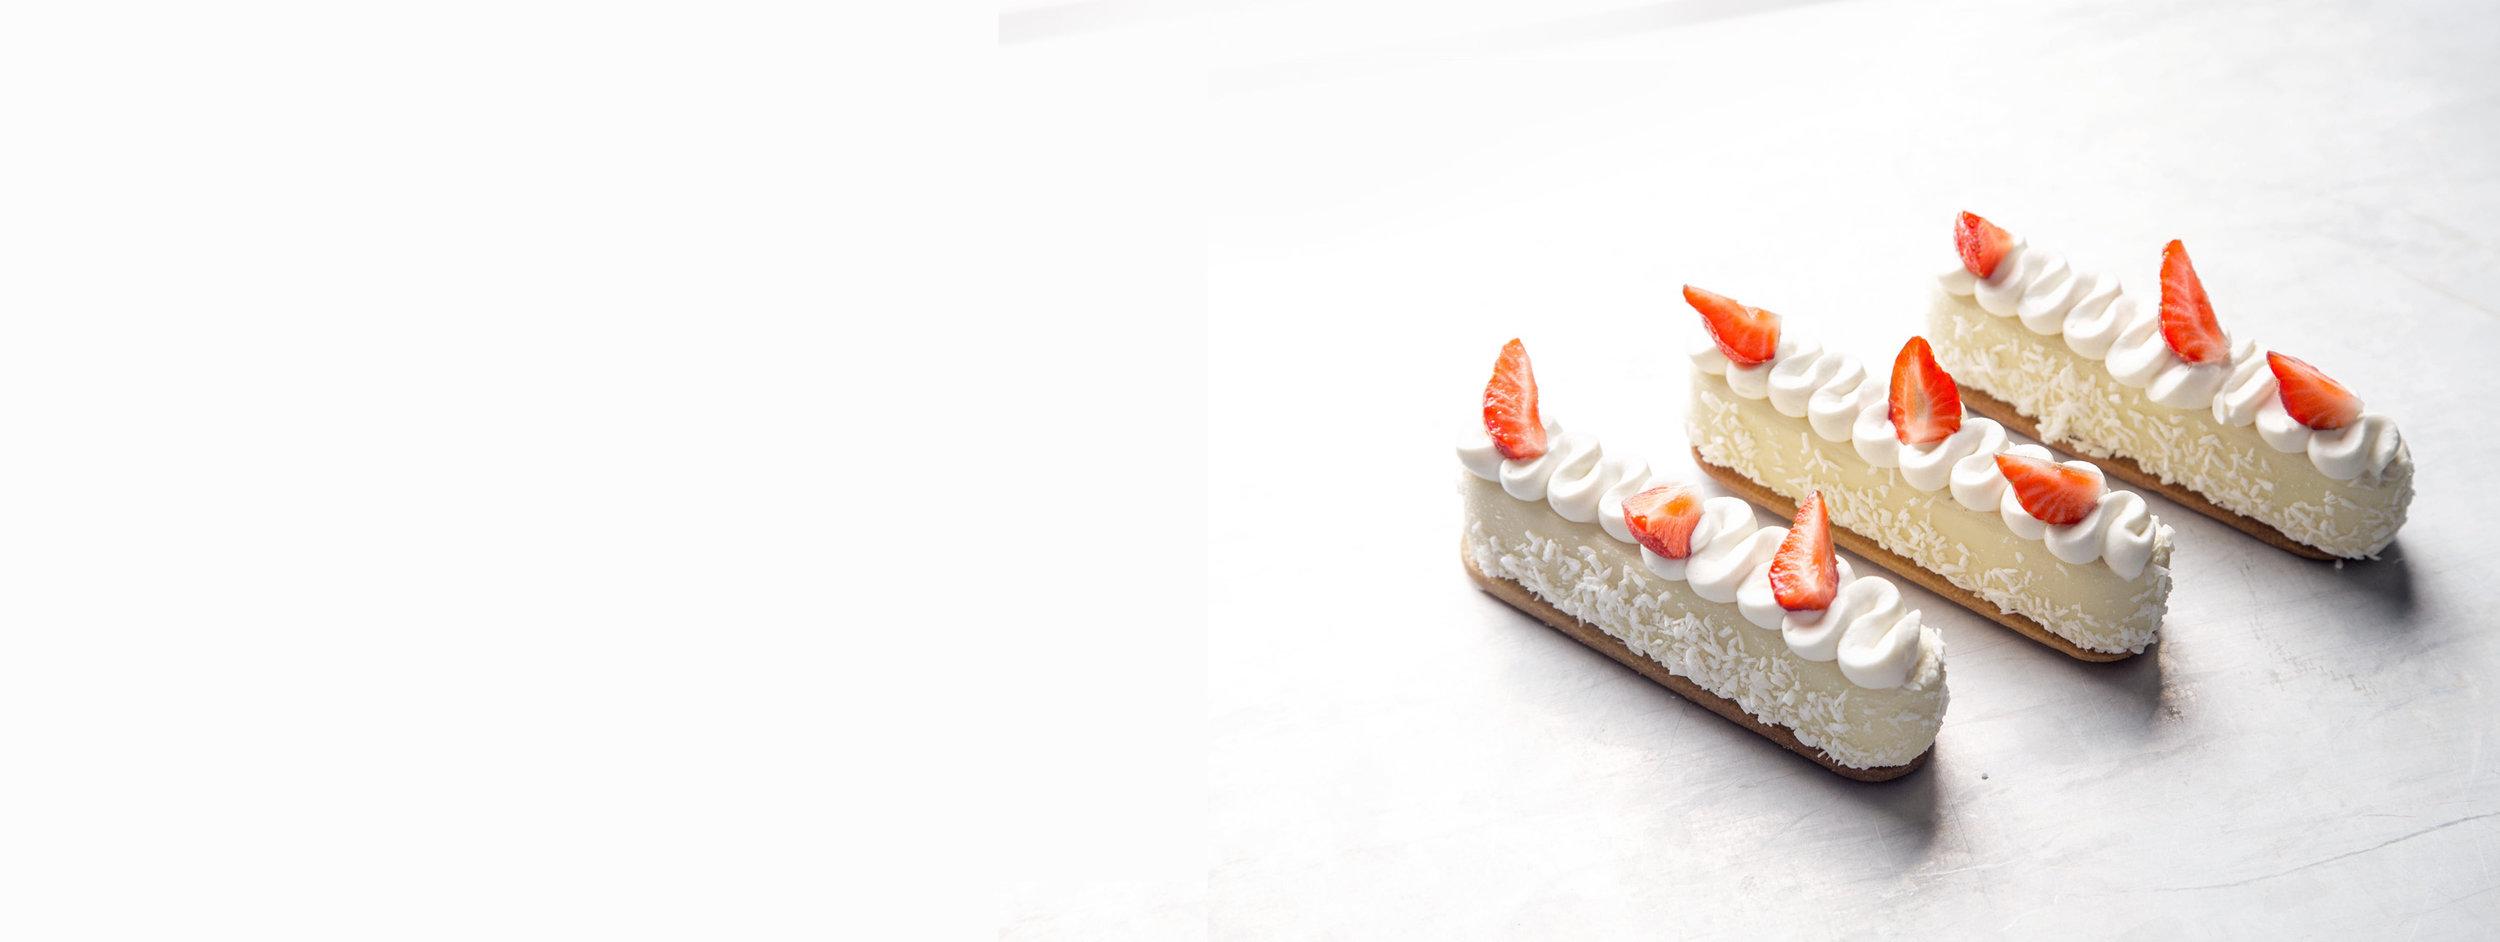 HVIT SJOKOLADEMOUSSEKAKE - Med vanilje, jordbær og mascarponekrem. Kuvert.